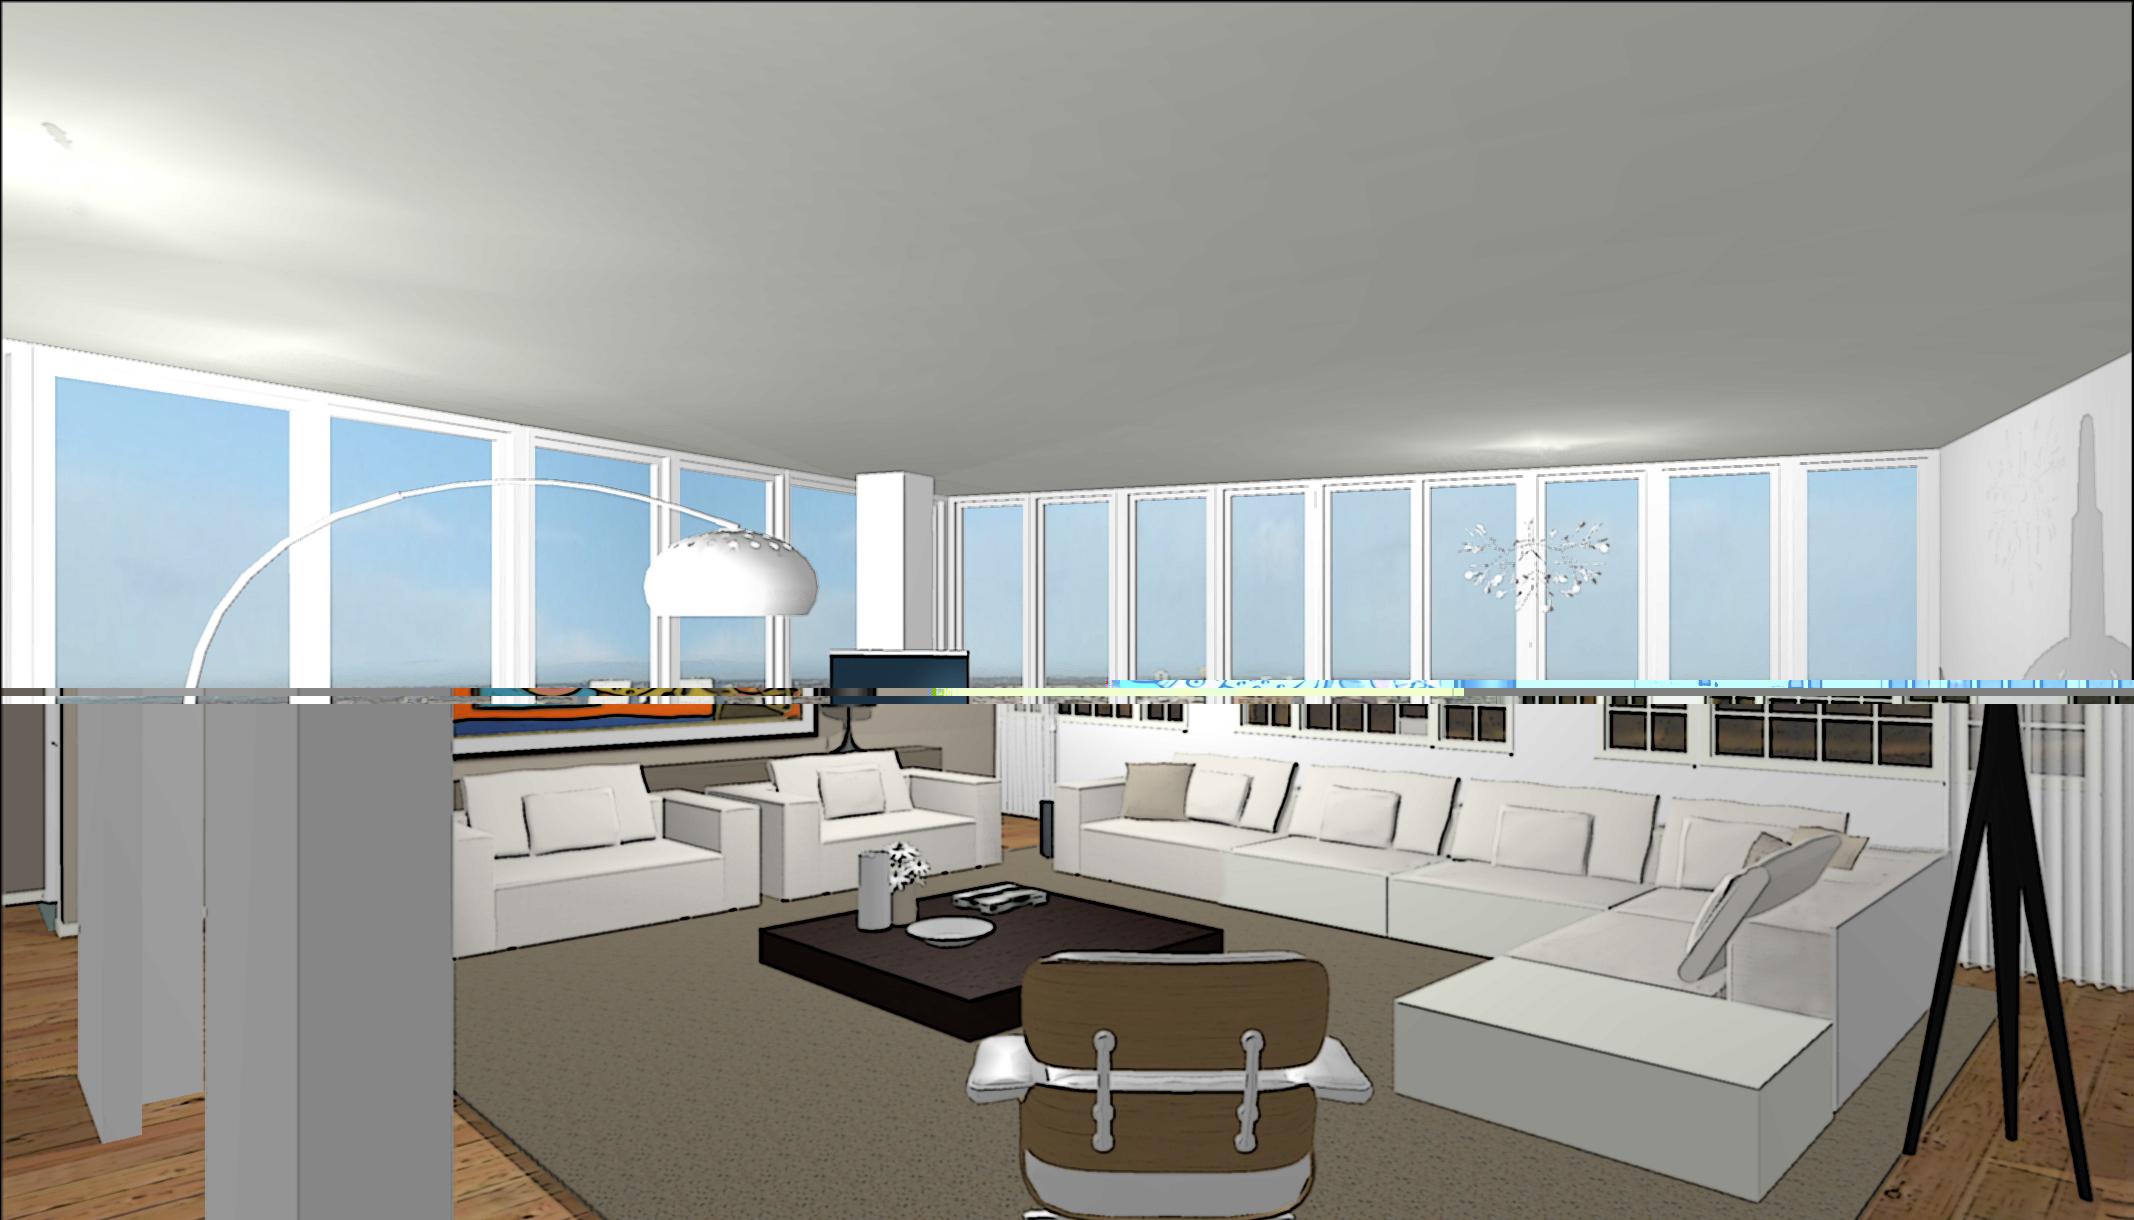 Kosten interieurontwerp kosten keuken ikea kosten ligbad kosten nieuwe badkamer kosten - Idee van interieurontwerp ...